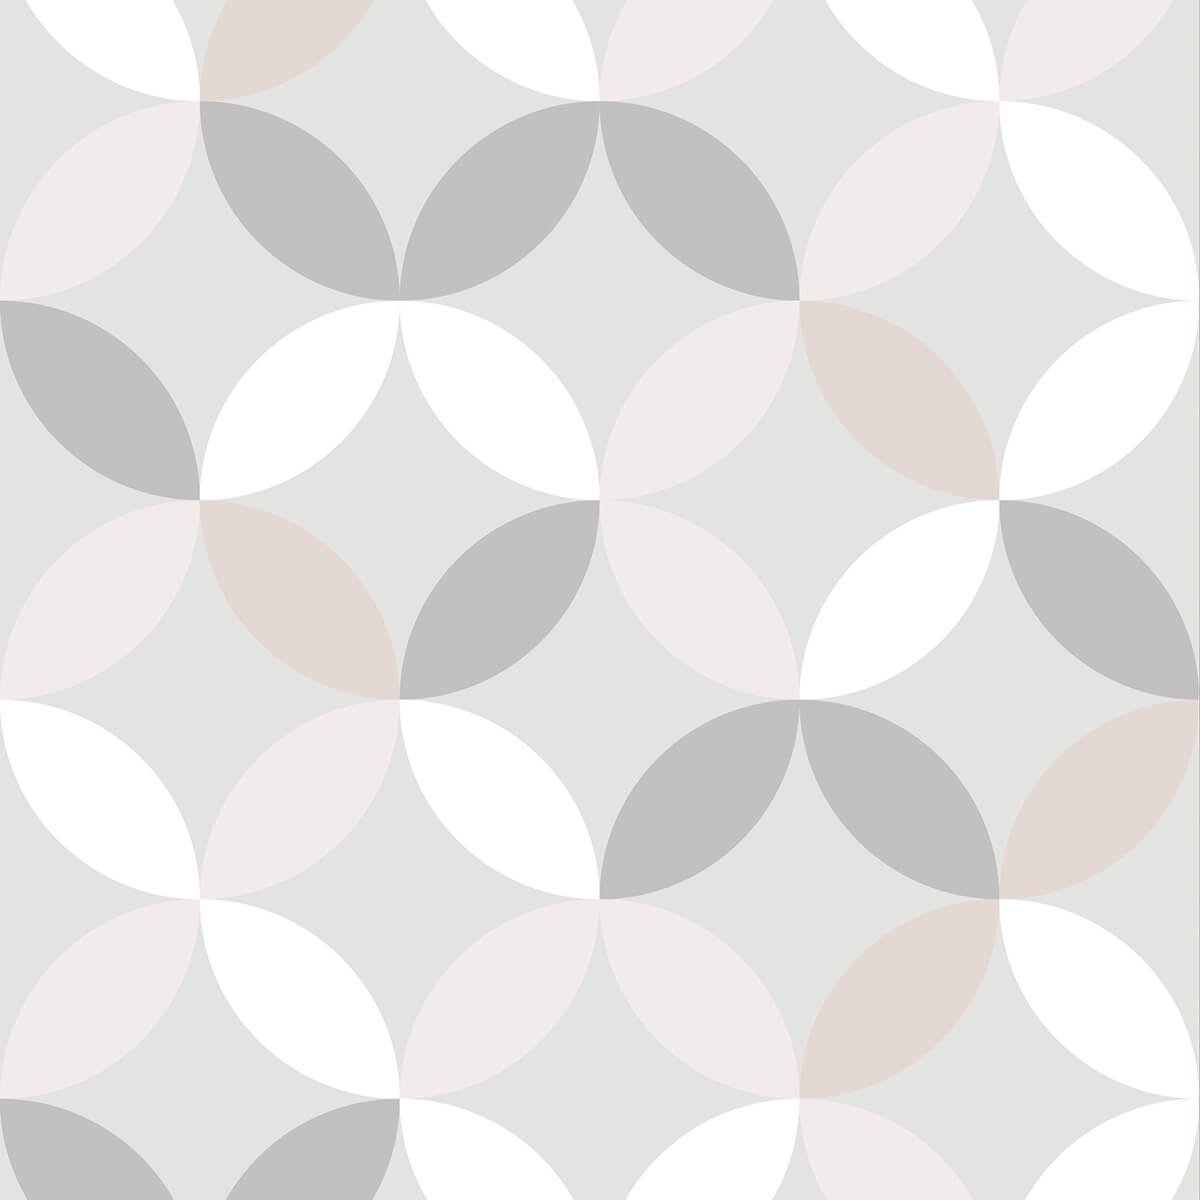 Papel de parede circulos